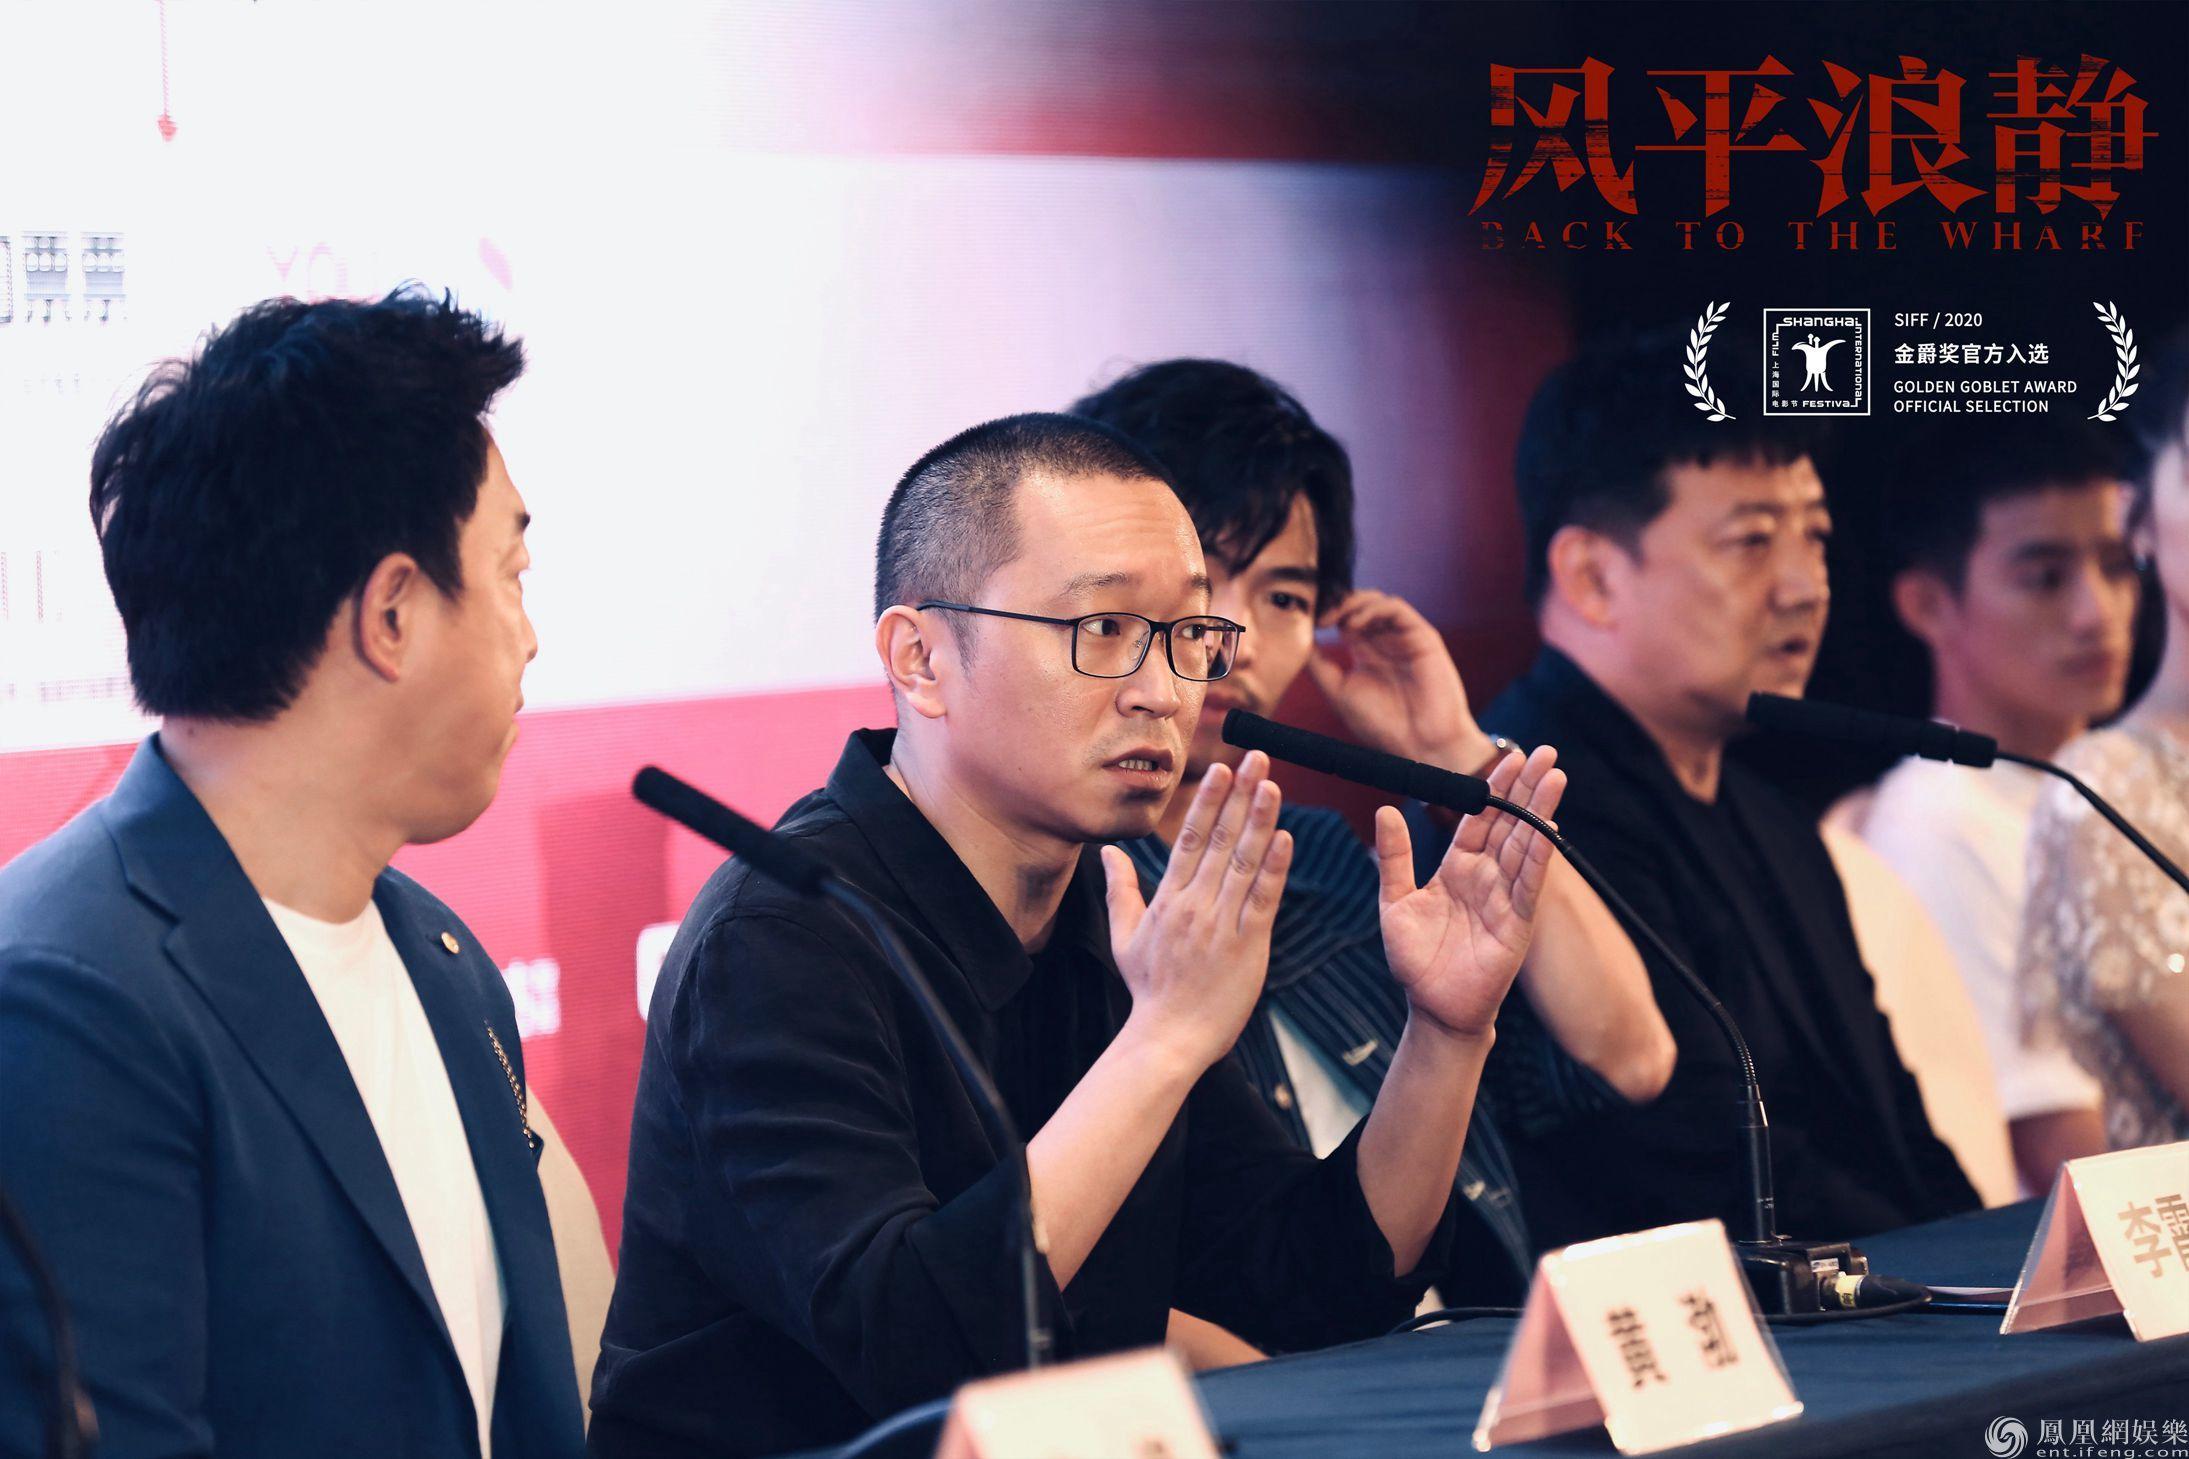 电影《风平浪静》展映好评如潮展现华语犯罪片全新面貌